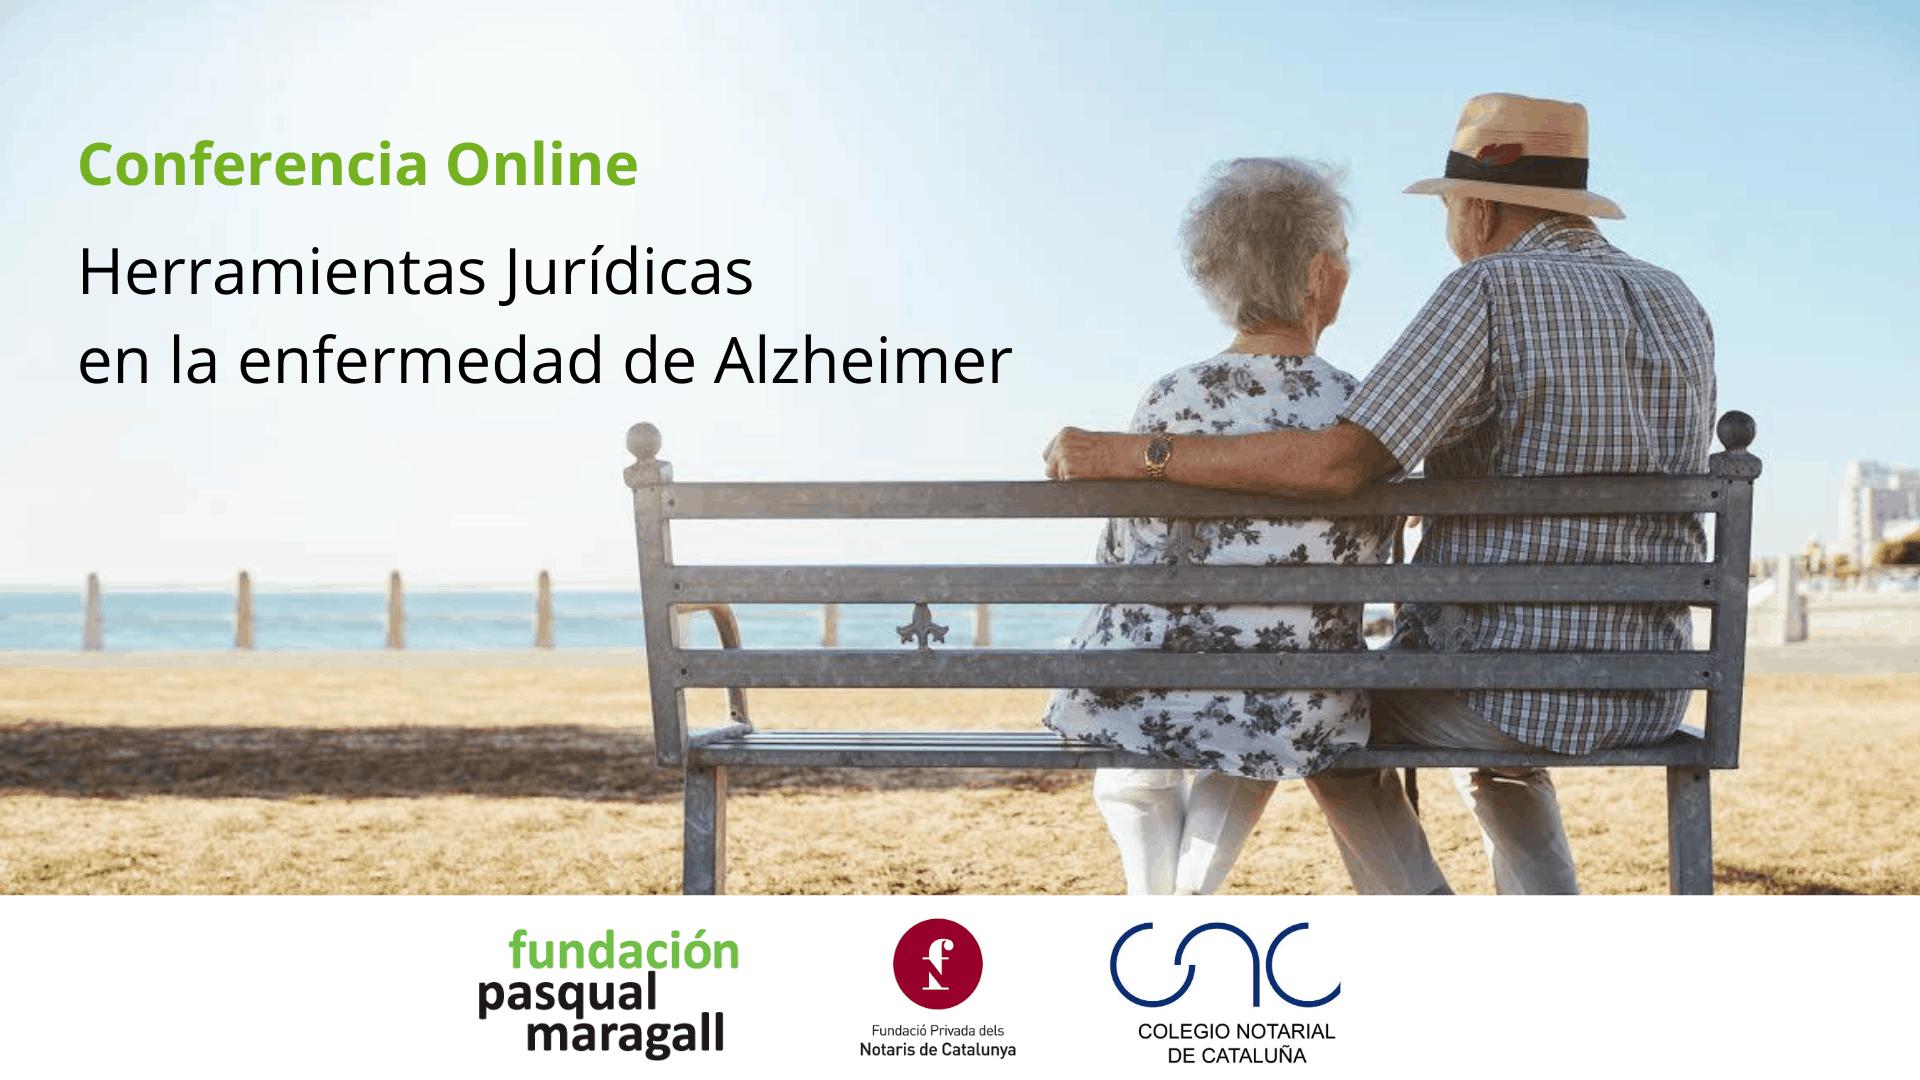 Conferencia online Herramientas Jurídicas en la enfermedad de Alzheimer